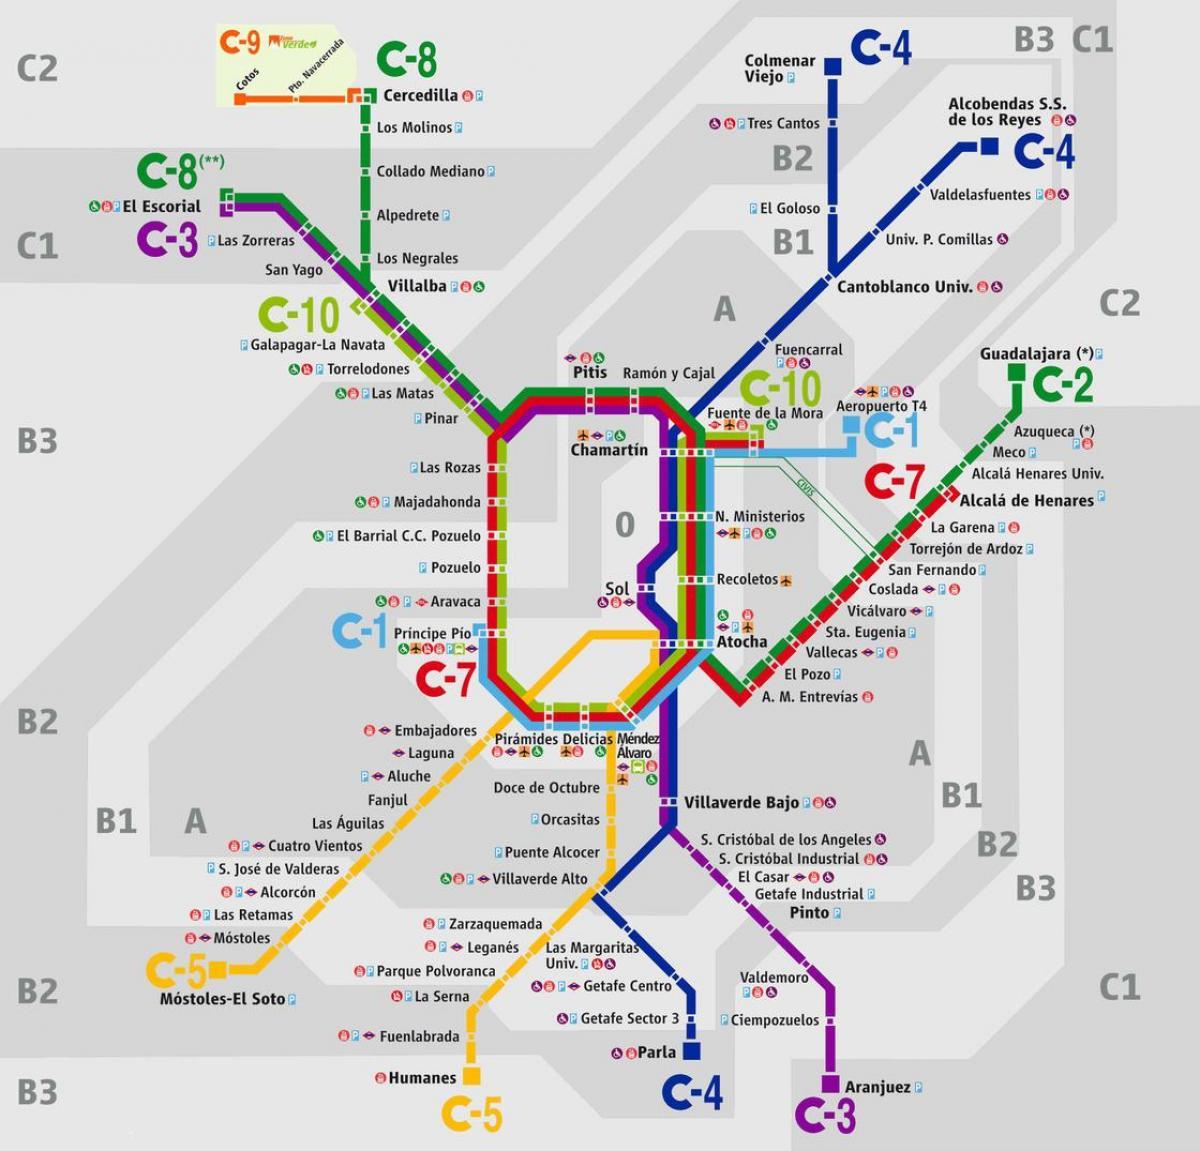 Estacion De Atocha Mapa.Madrid Estacion De Ferrocarril De Atocha Mapa Mapa De